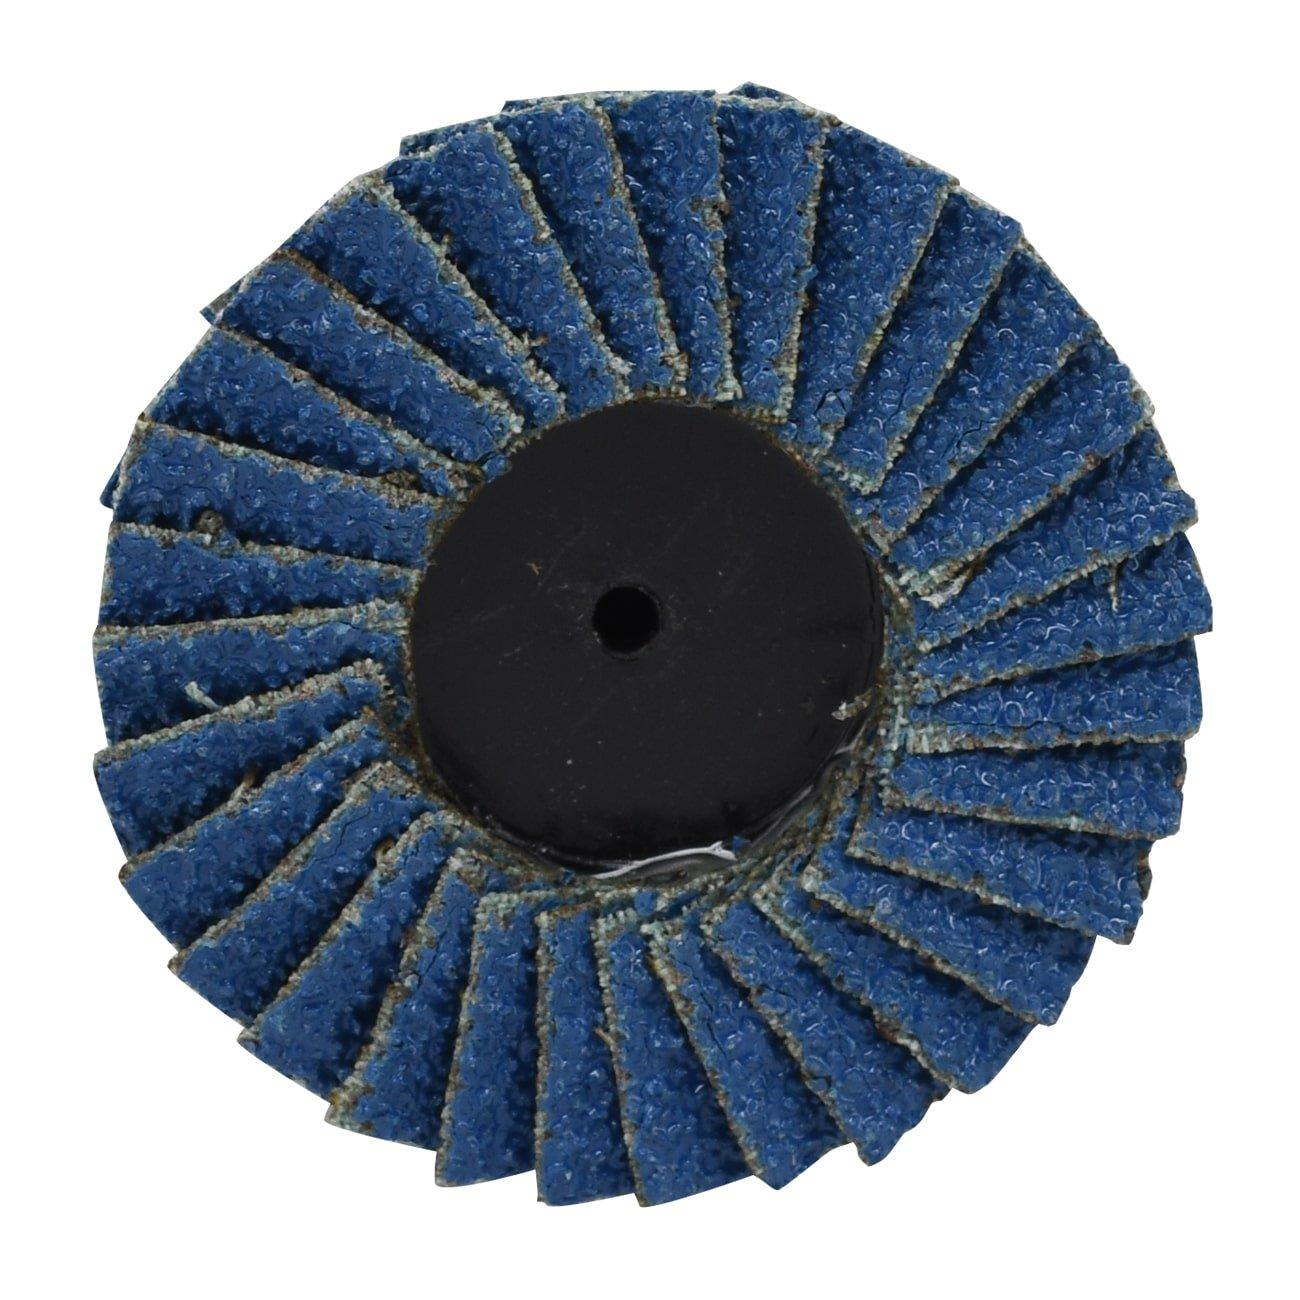 Neiko Roloc Type 2-Inch Flap Disc 10 Pieces 60 Grit Zirconia